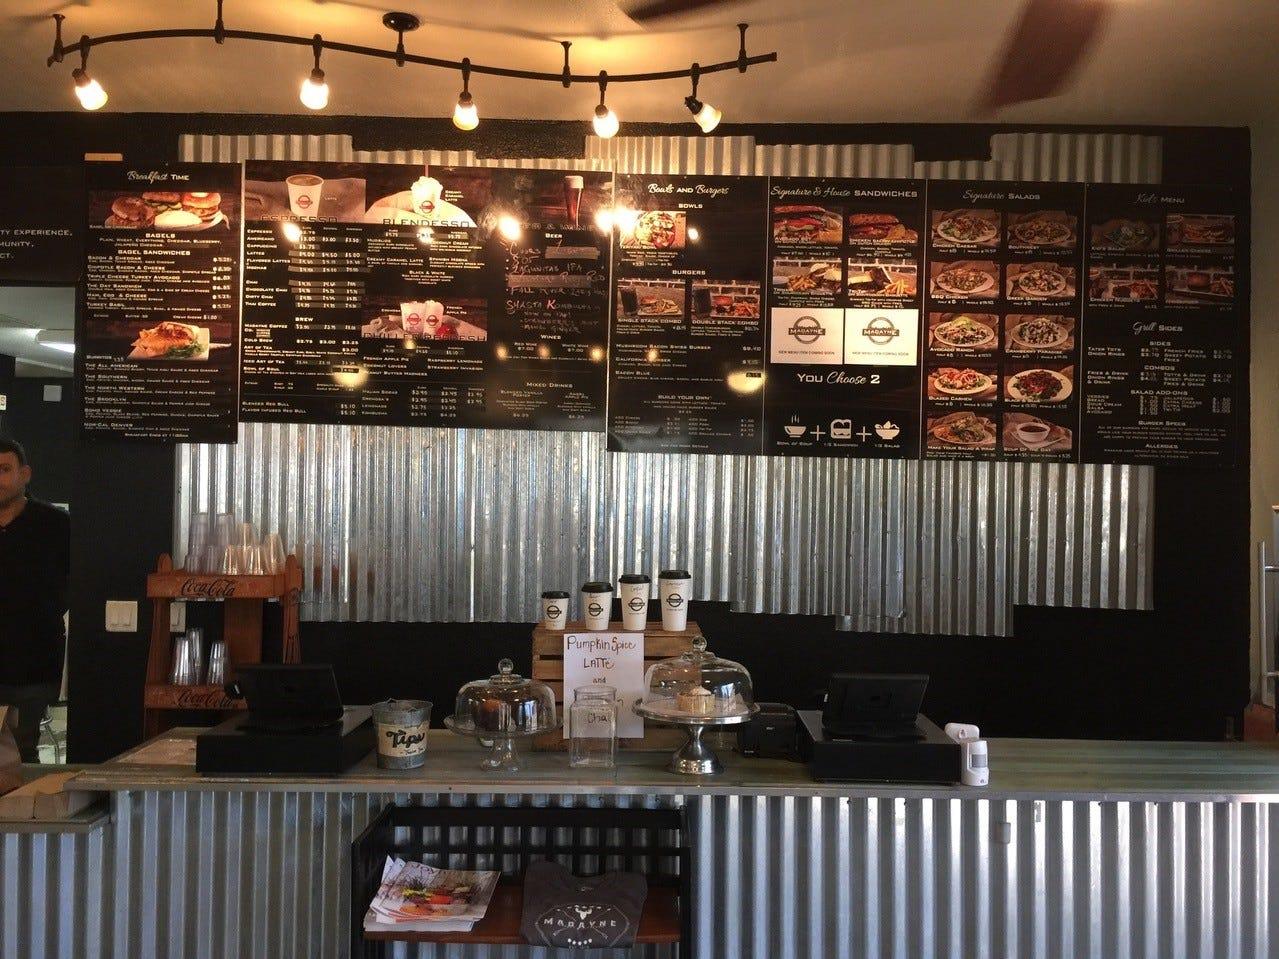 The menu at Madayne's Eureka Way location.